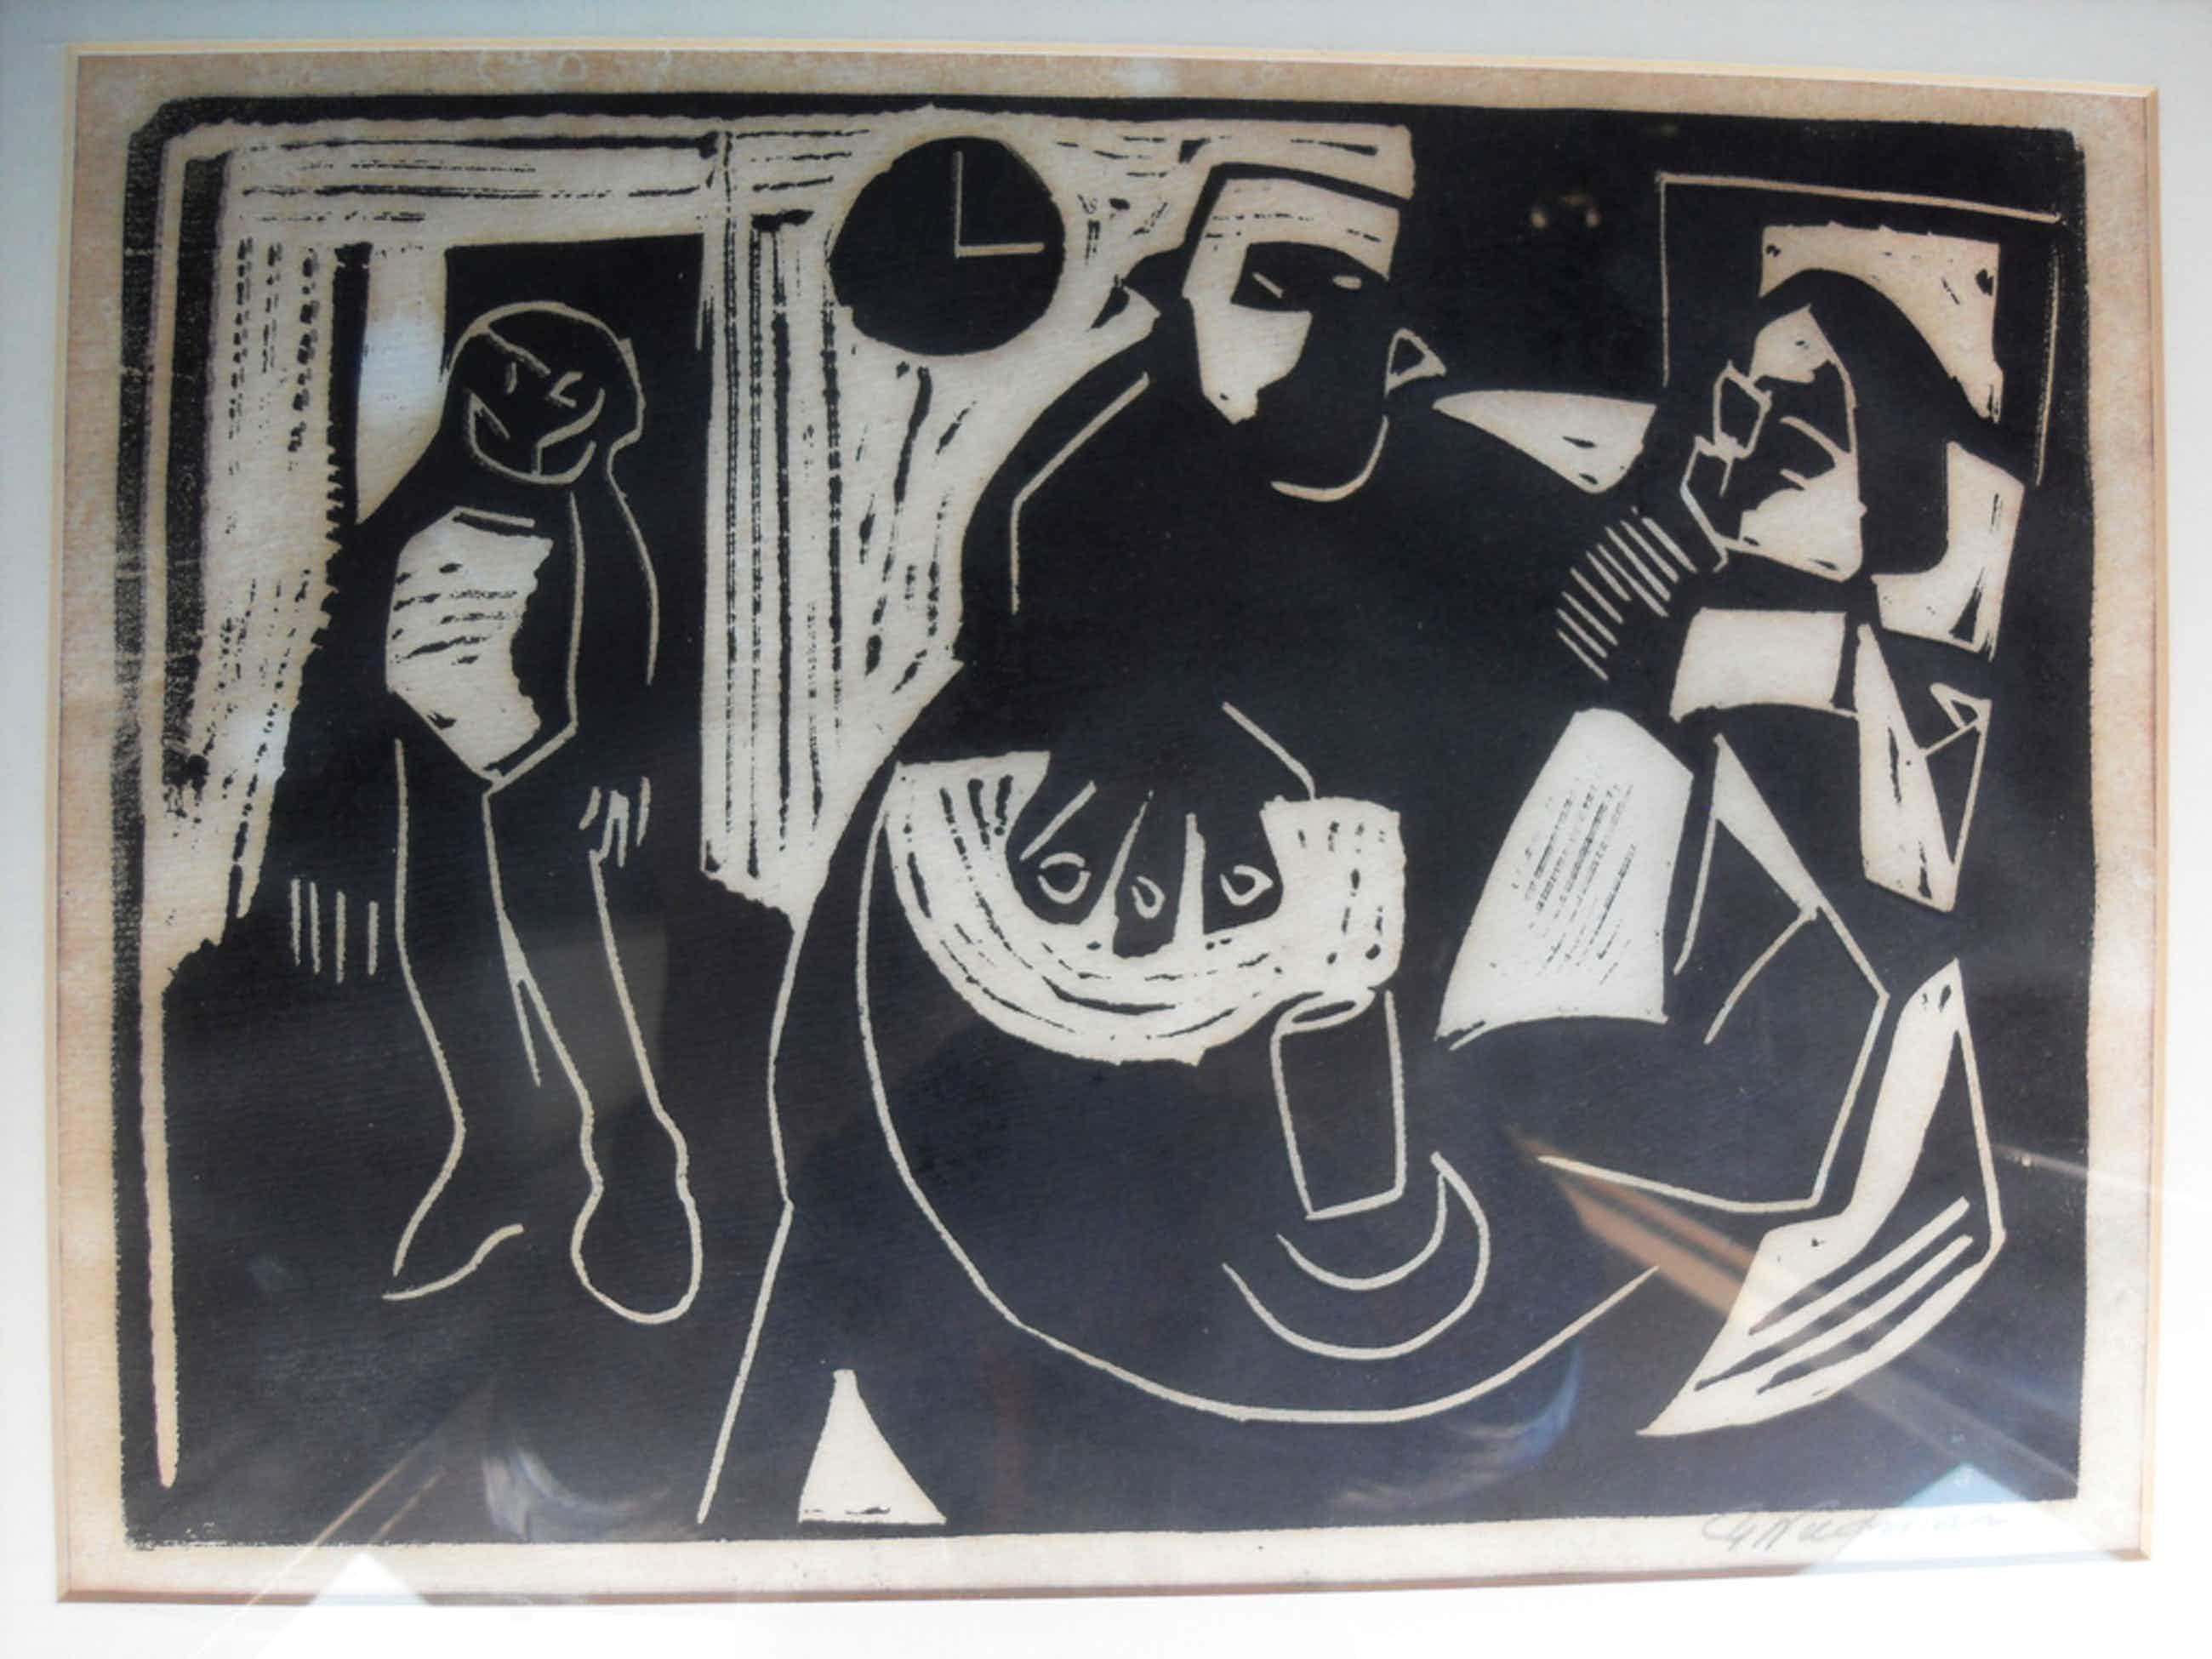 Piet Wiegman Linosnede figuren 35 x 45cm mooi gelijst en gesigneerd kopen? Bied vanaf 50!